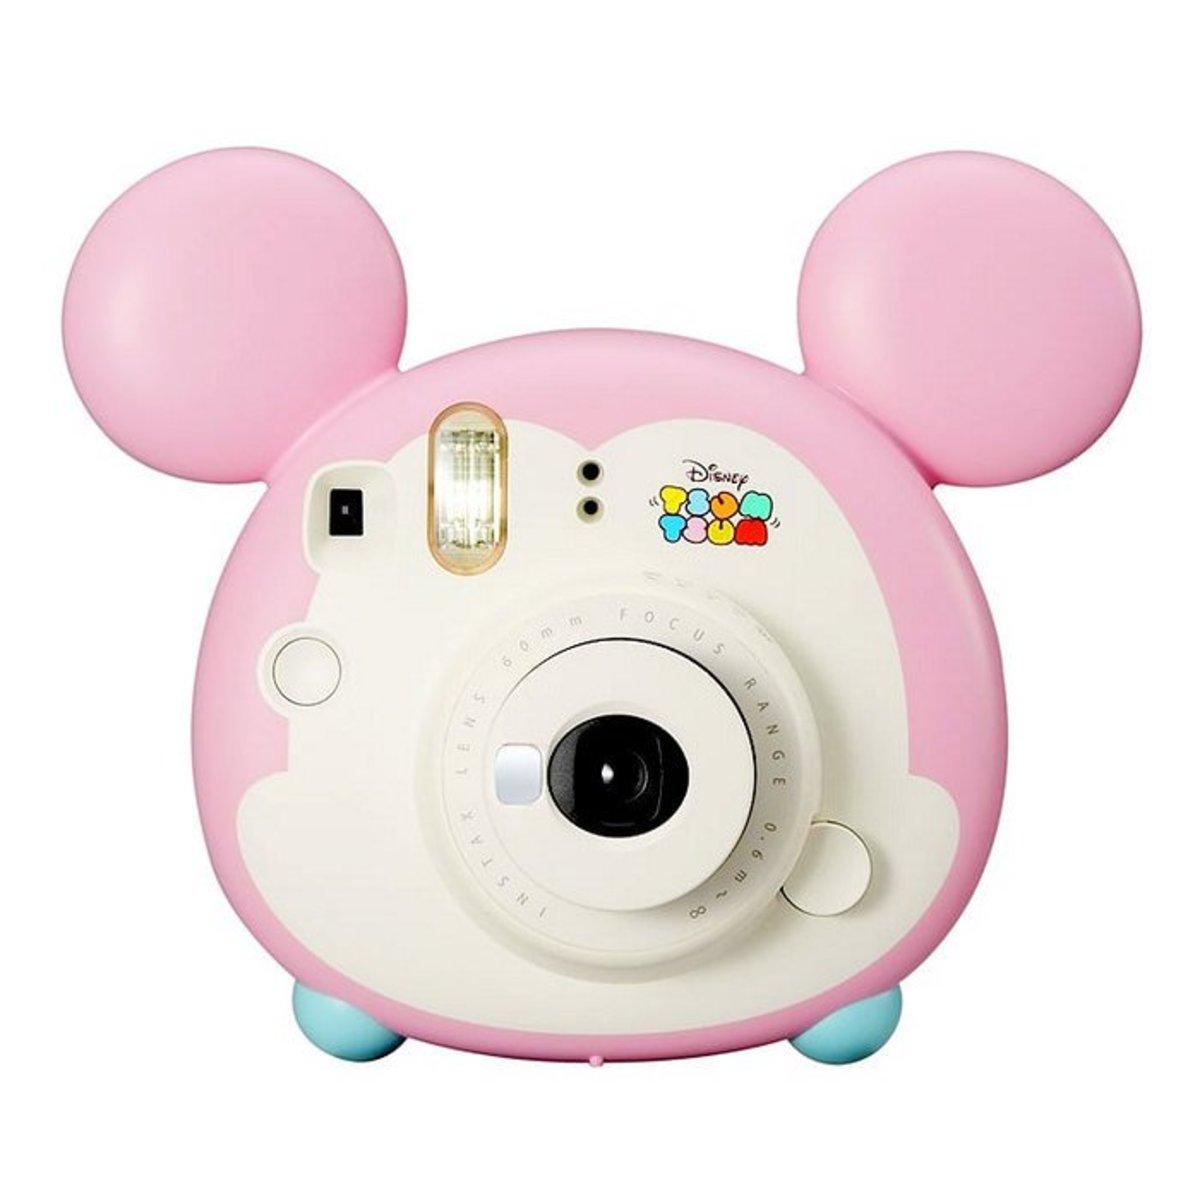 Fujifilm Instax mini TSUMTSUM 即影即有相機 跟10張即影即有白相紙